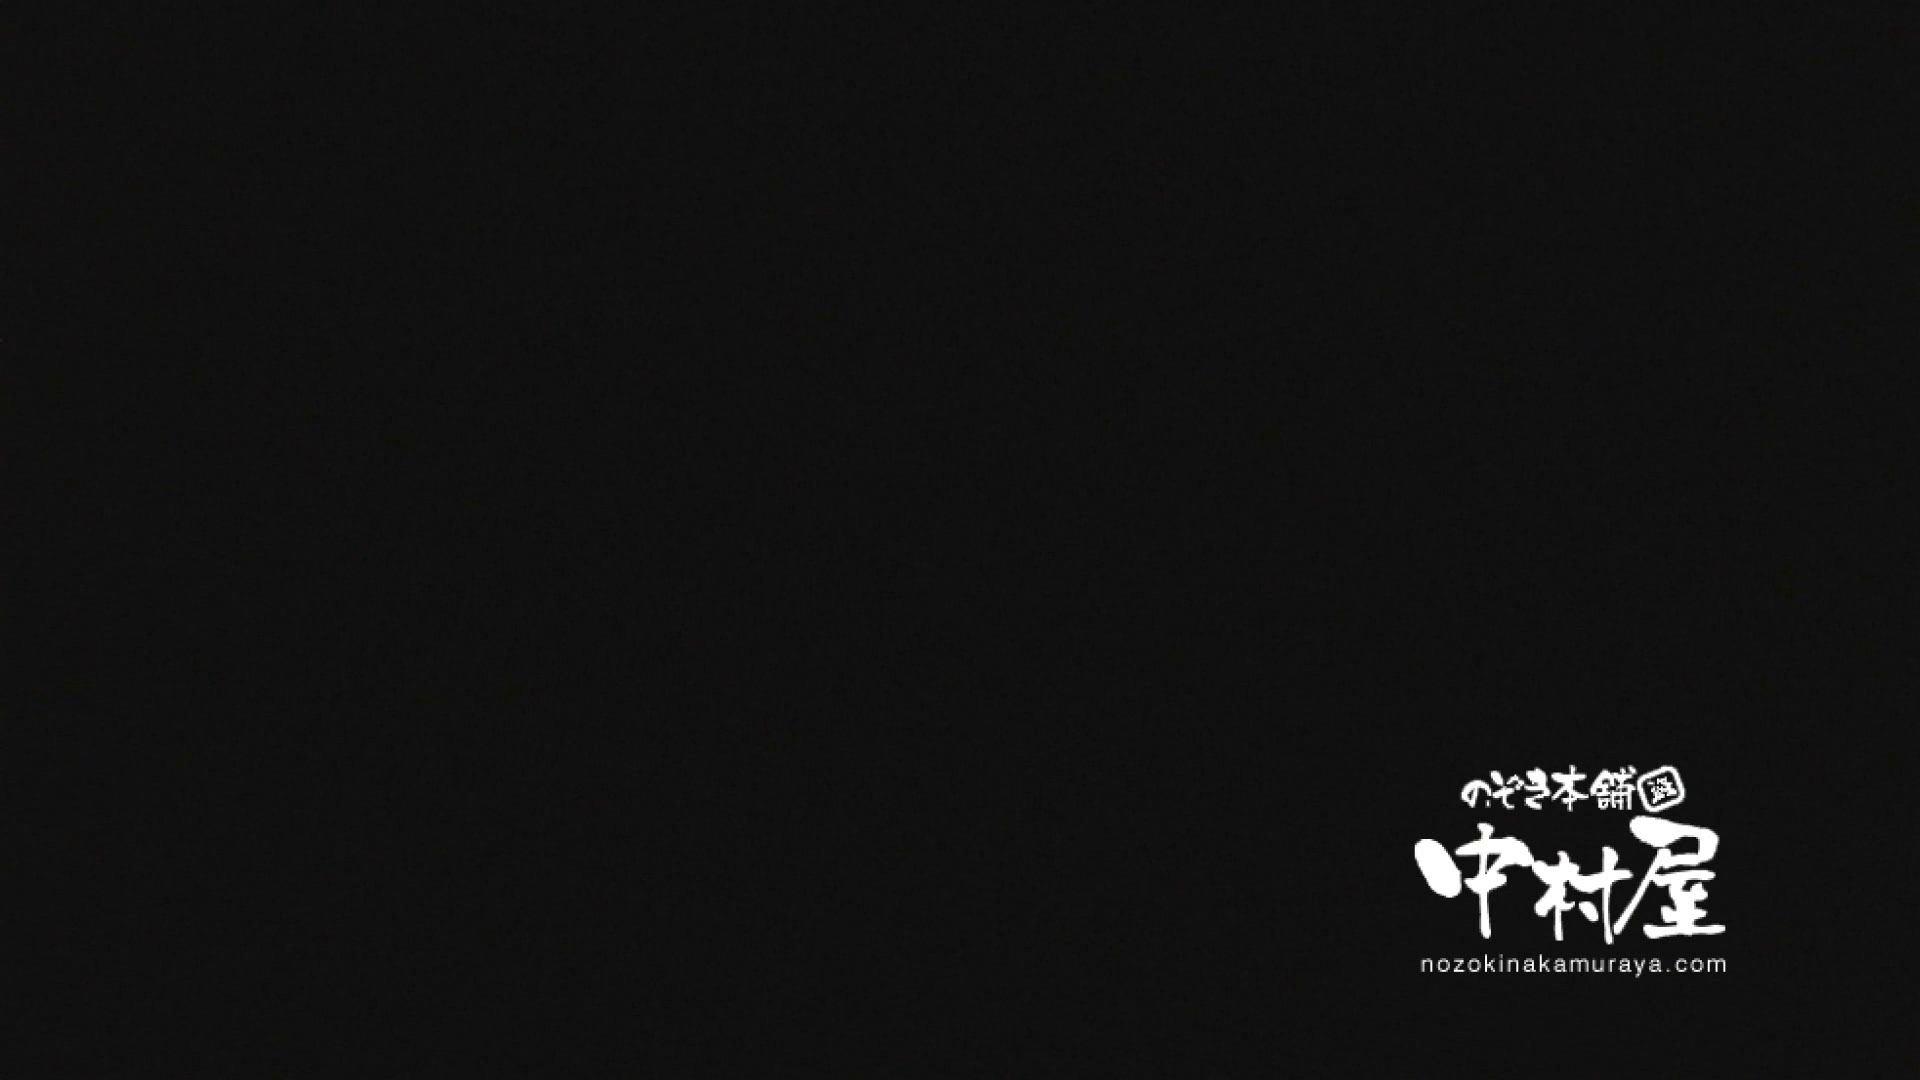 鬼畜 vol.19 ワカ目ちゃんに中出し刑 後編 中出し われめAV動画紹介 59枚 23